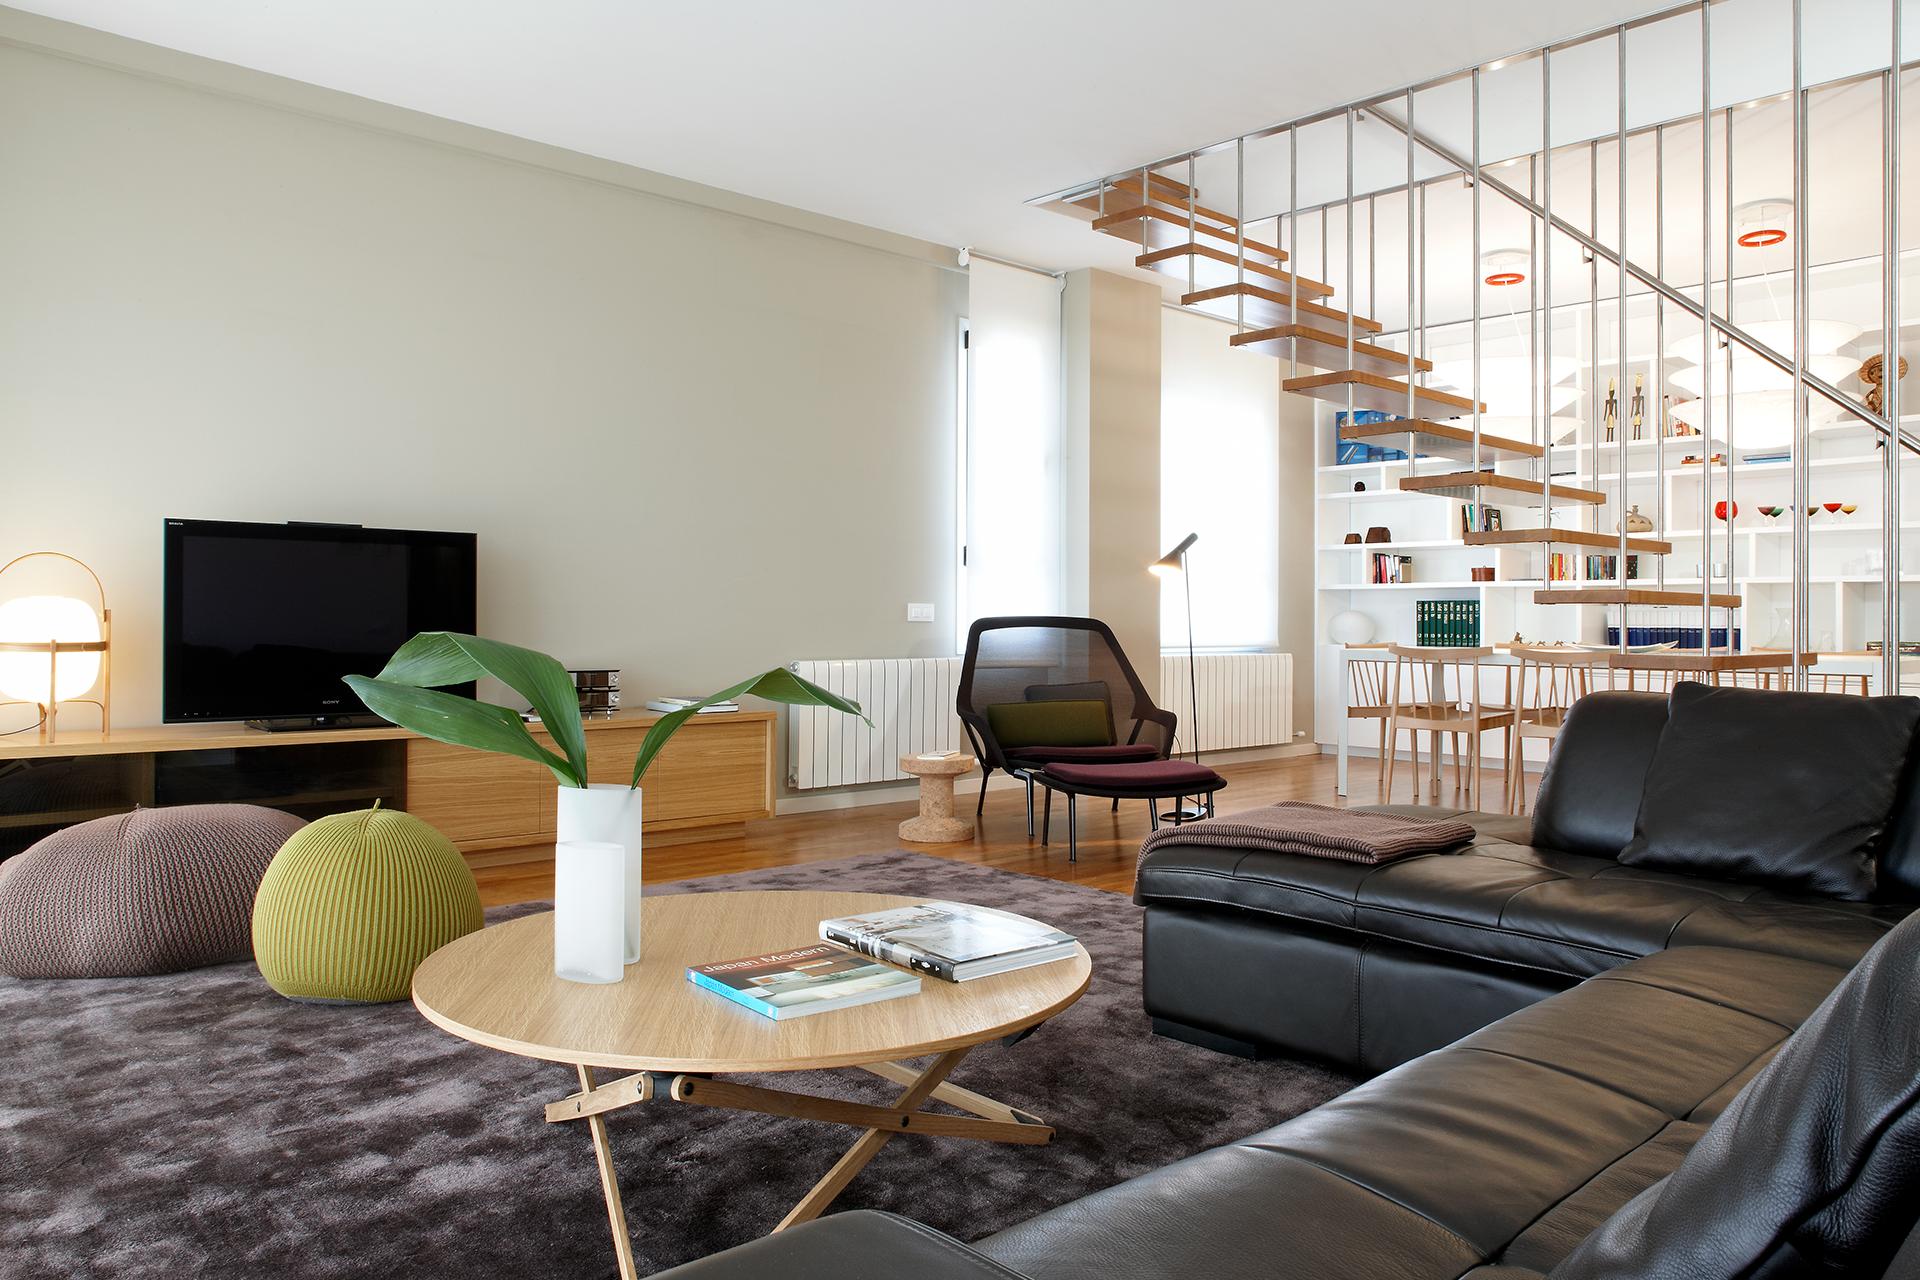 Interior Design Decor Barcelona   The Room Studio